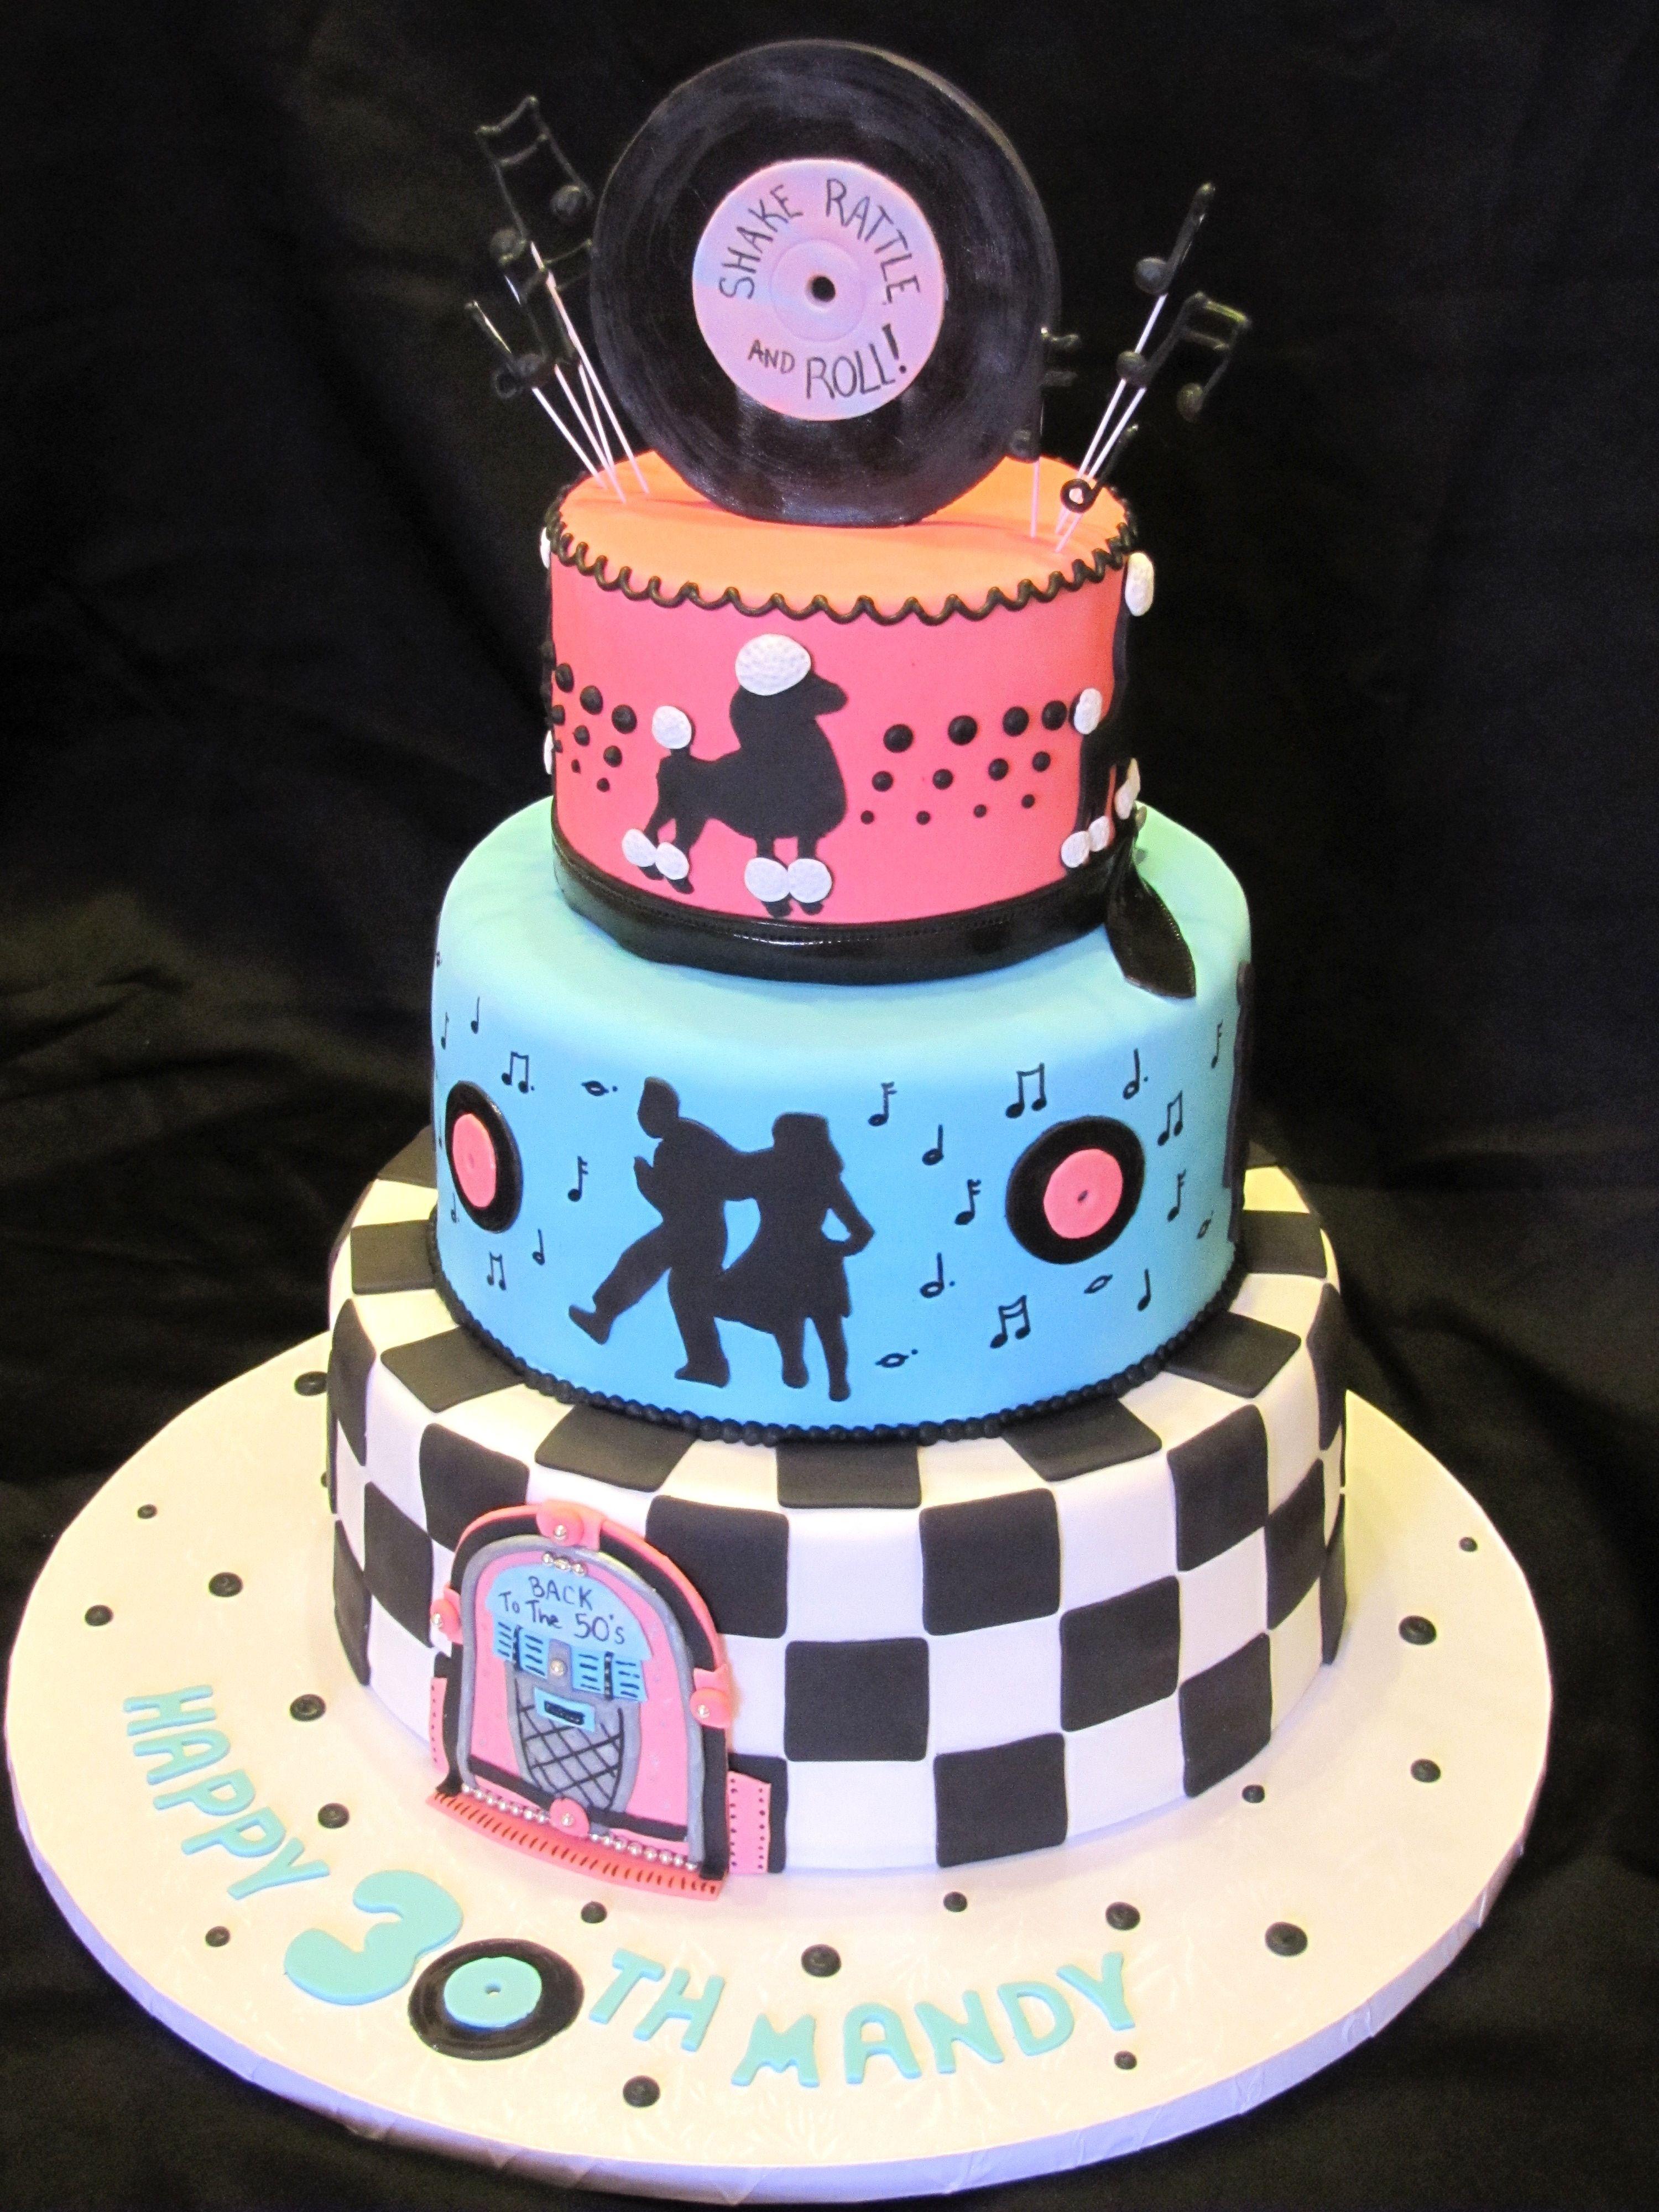 Phenomenal 50S Birthday Cake 50Th Birthday Cake Bithday Cake 50S Cake Funny Birthday Cards Online Necthendildamsfinfo